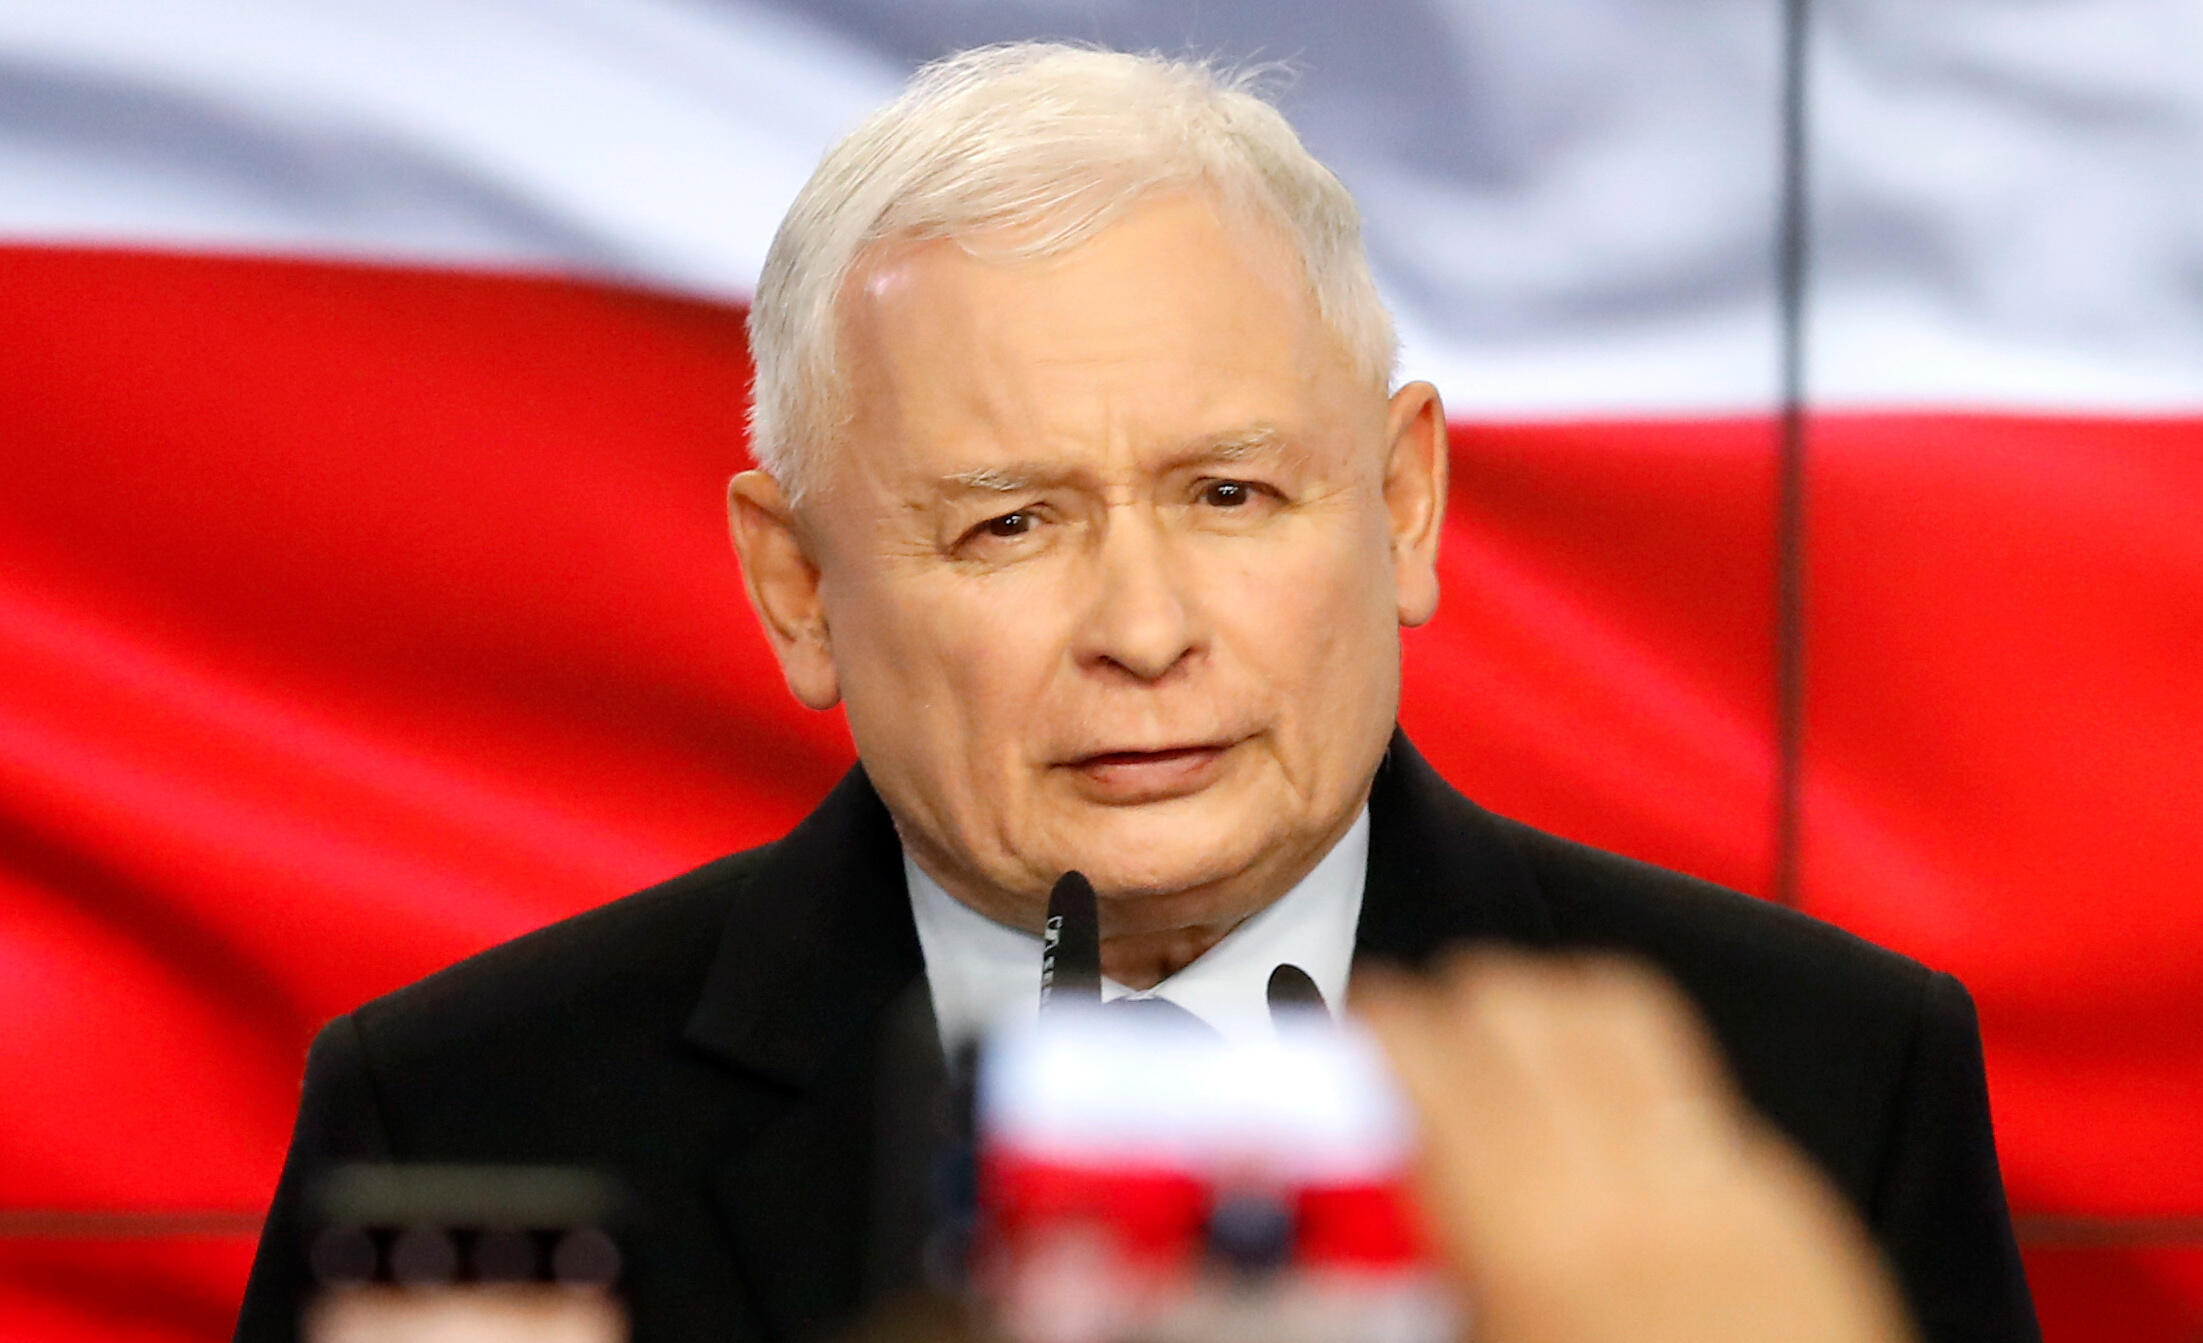 Le chef du PiS Jaroslaw Kaczynski, le 13 octobre 2019 à Varsovie, a regretté que son parti n'ait pas remporté la majorité au Sénat.